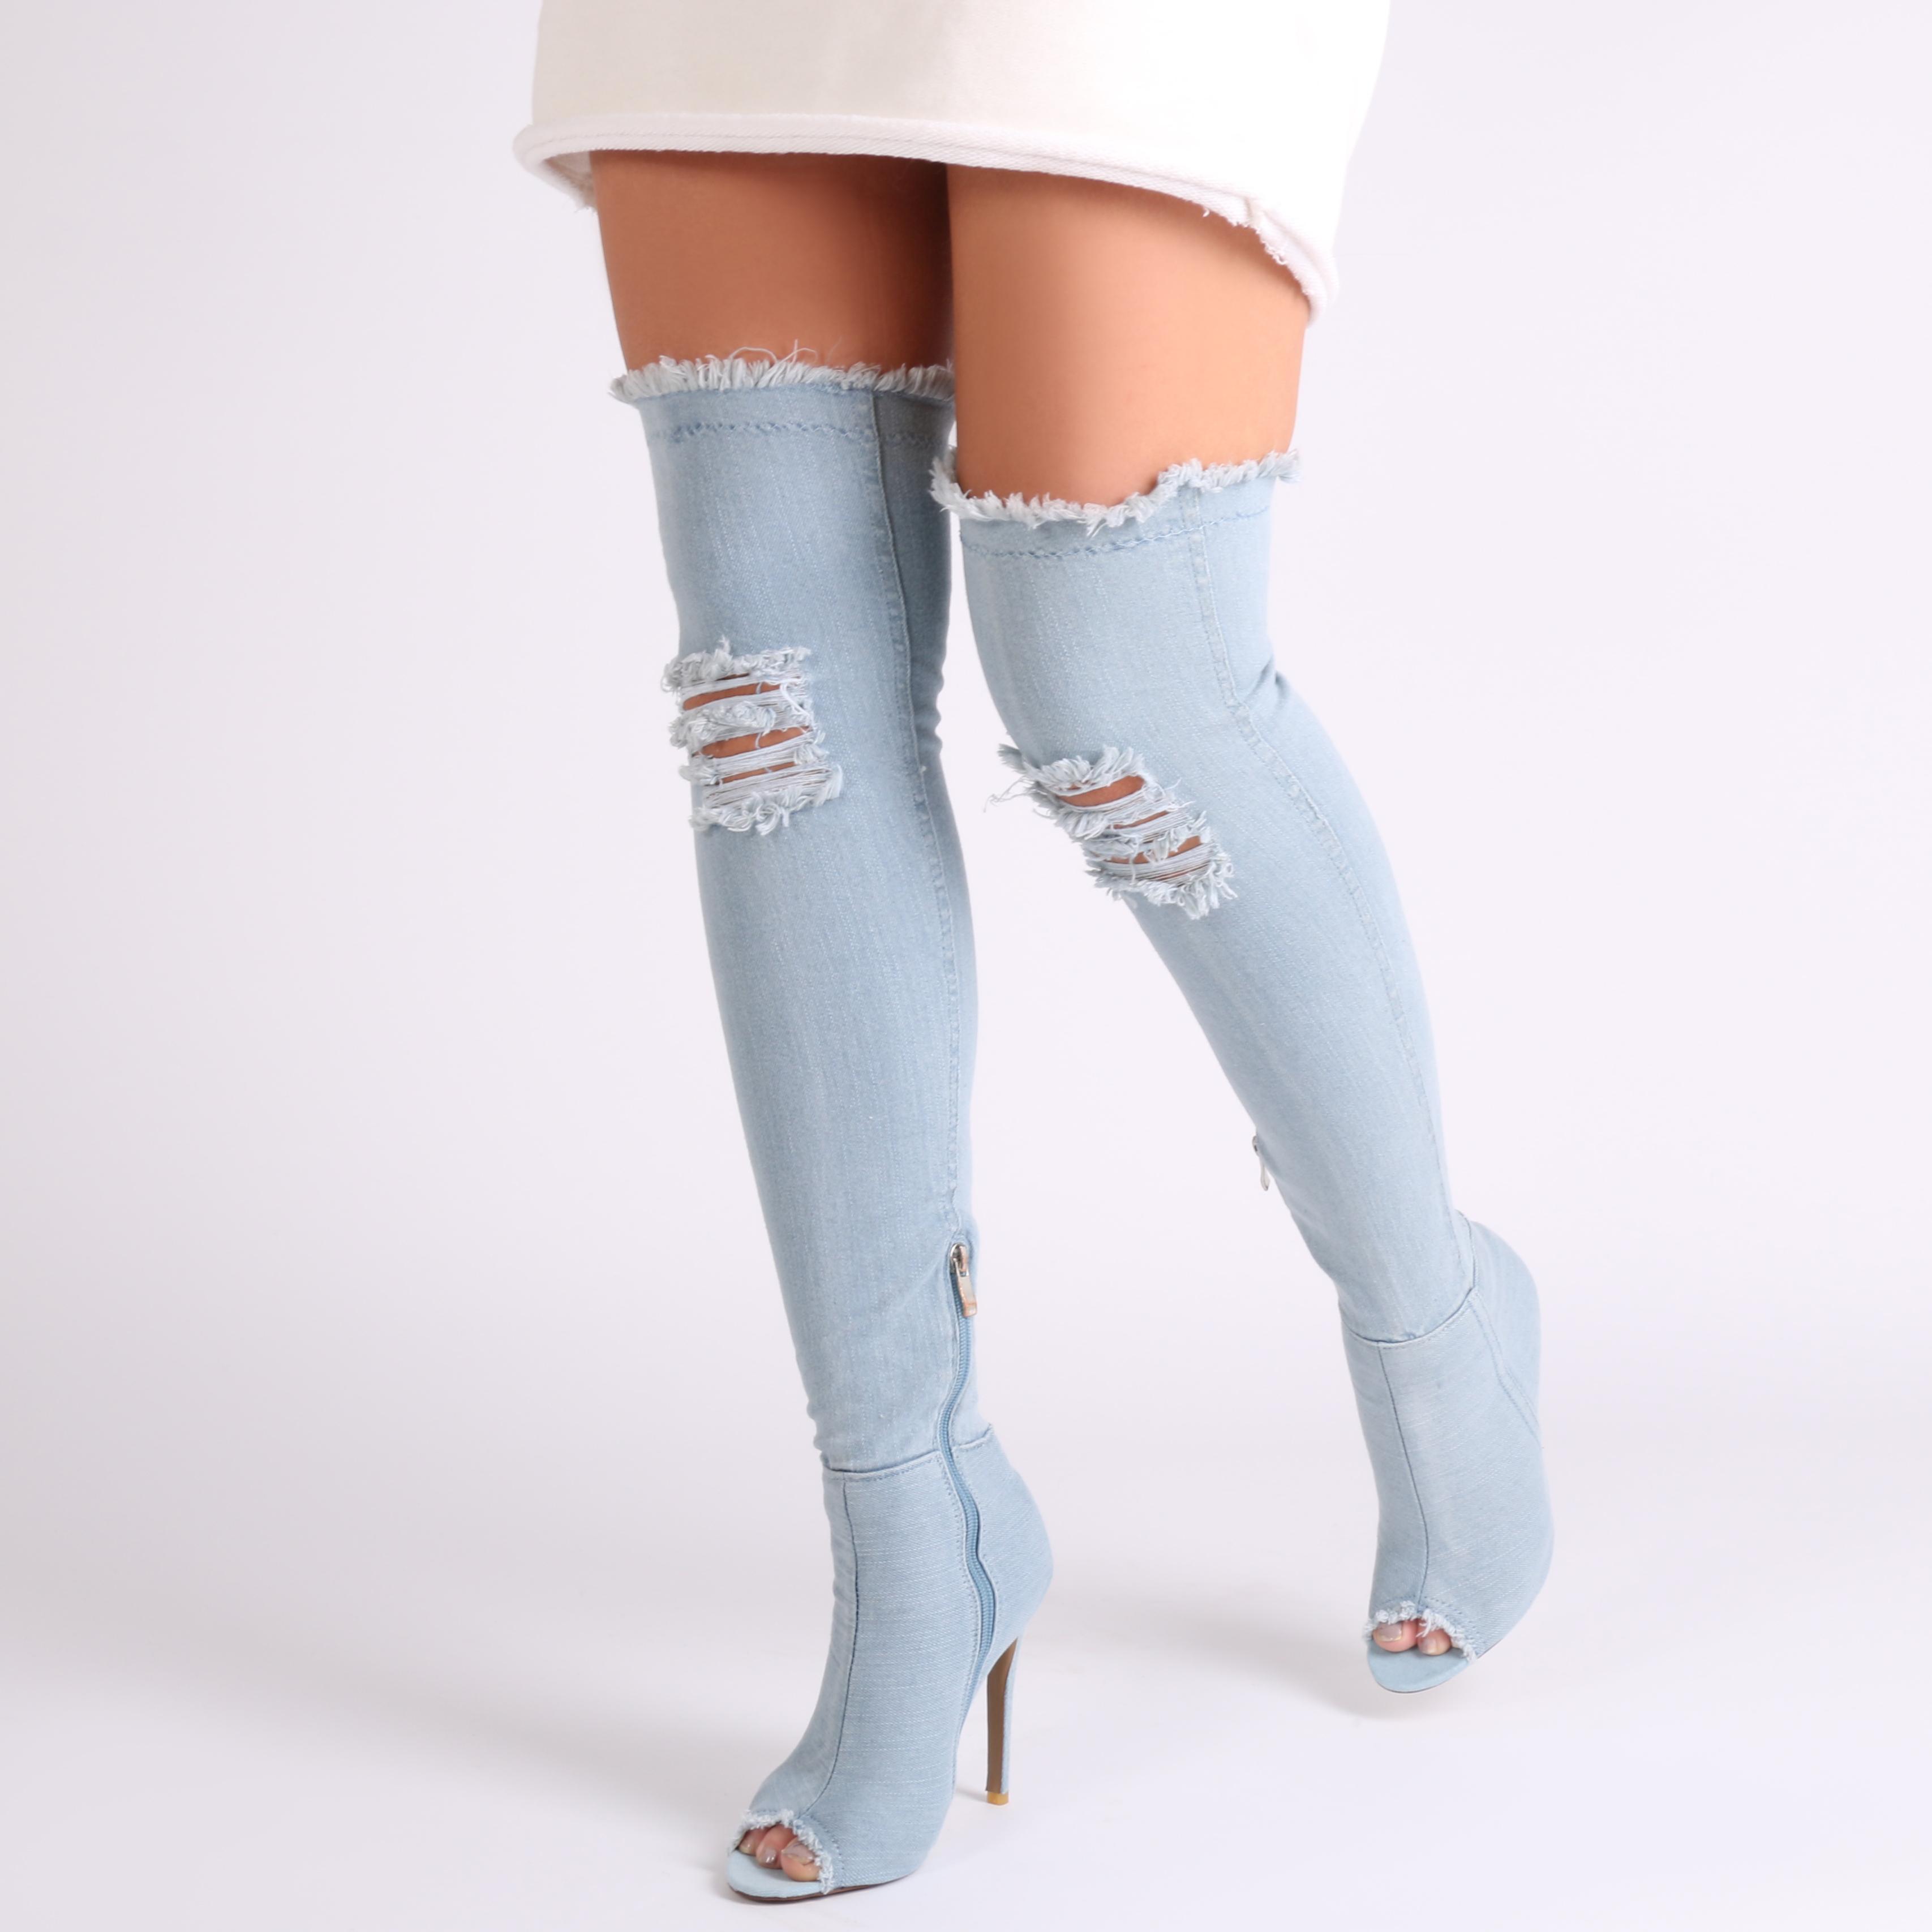 Womens Zip Up Stiletto Heels Over The Knee Long Boots in Denim Blue UK 3-8